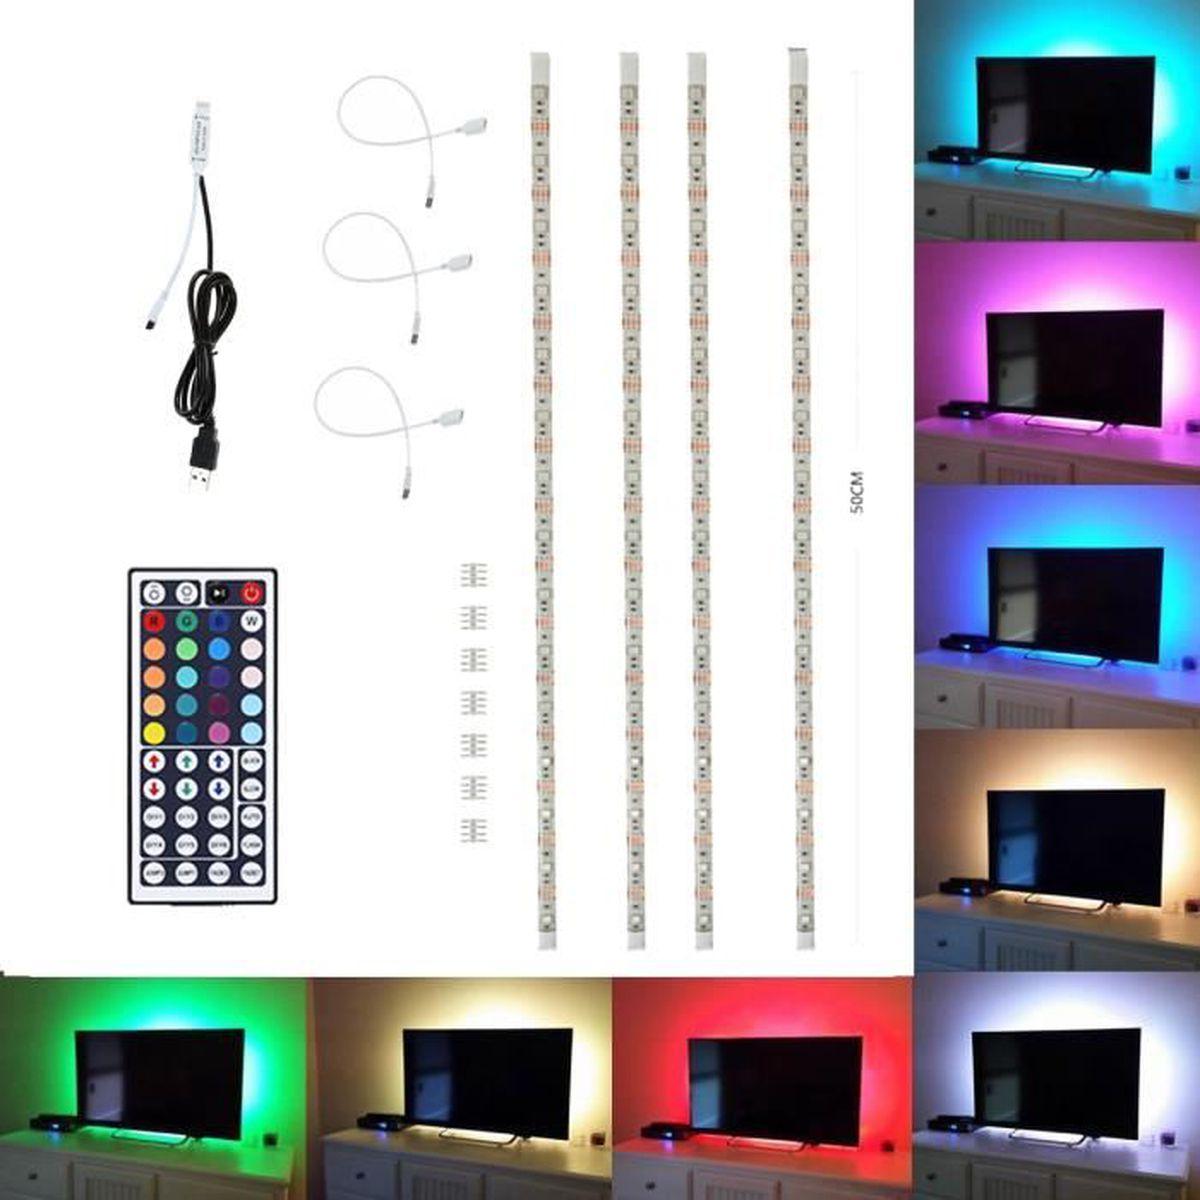 Bande ruban led smd 5050 rgb usb led bandes de lumière pour tv str